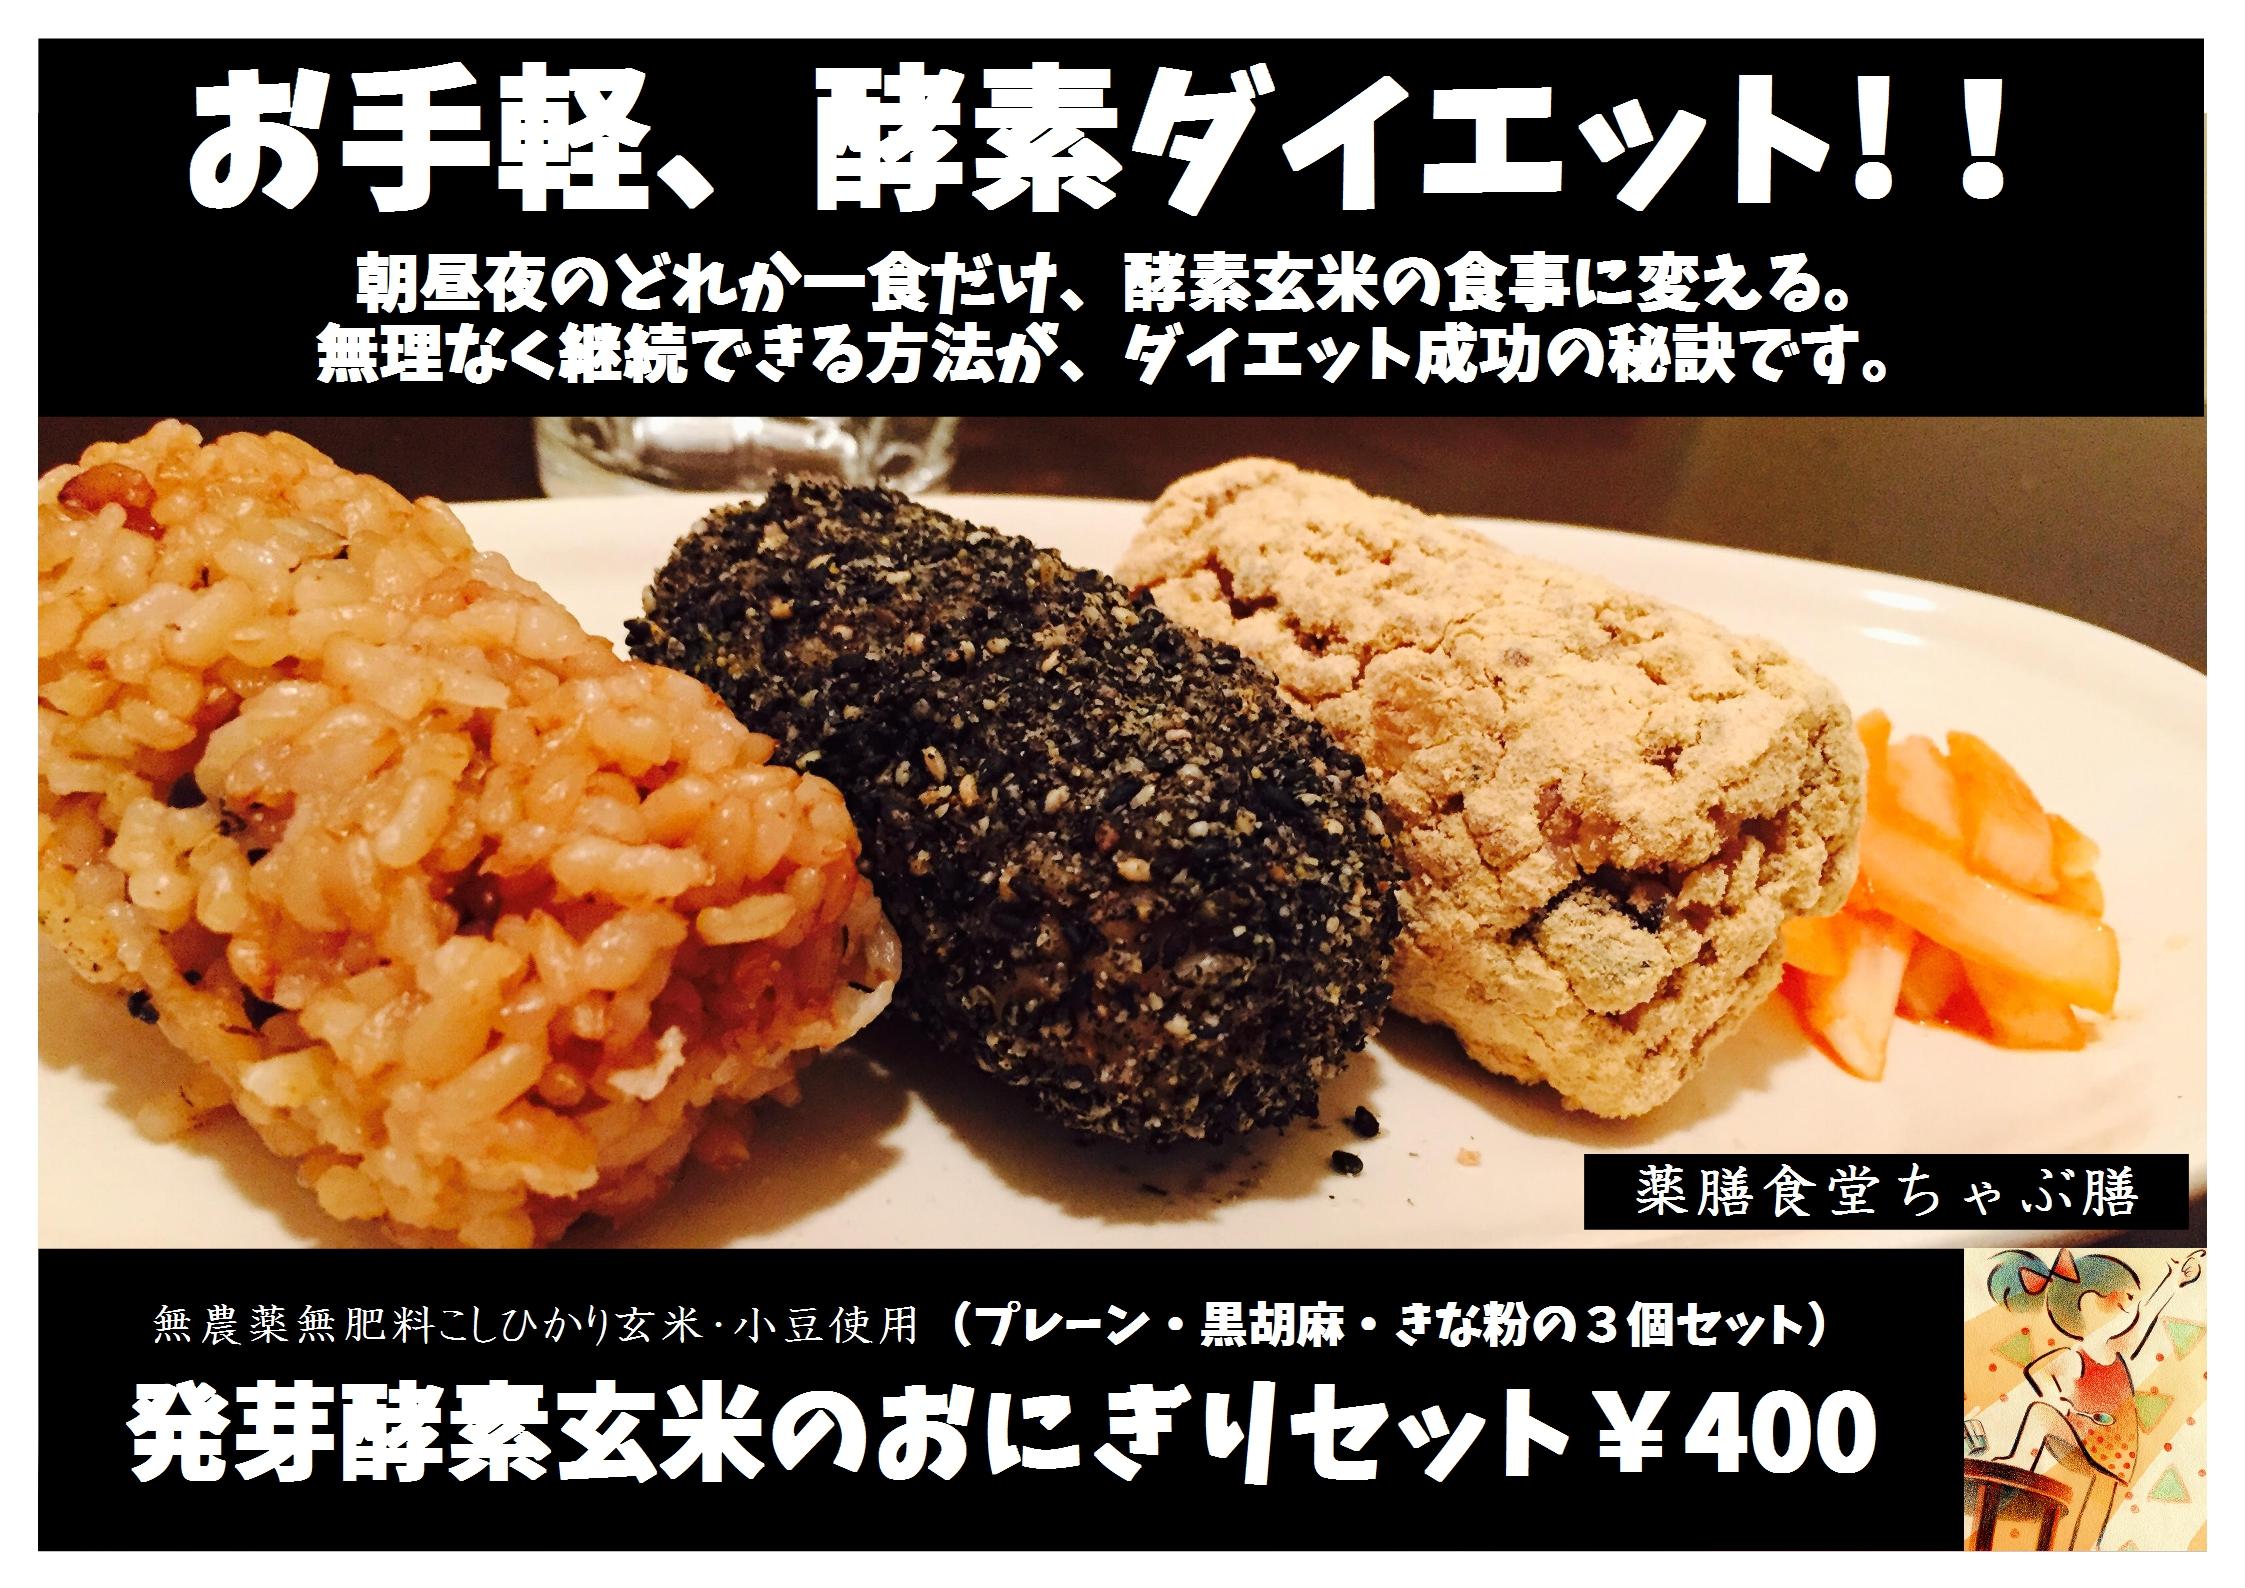 発芽酵素玄米のおにぎりセット ¥400 テイクアウト販売店一覧